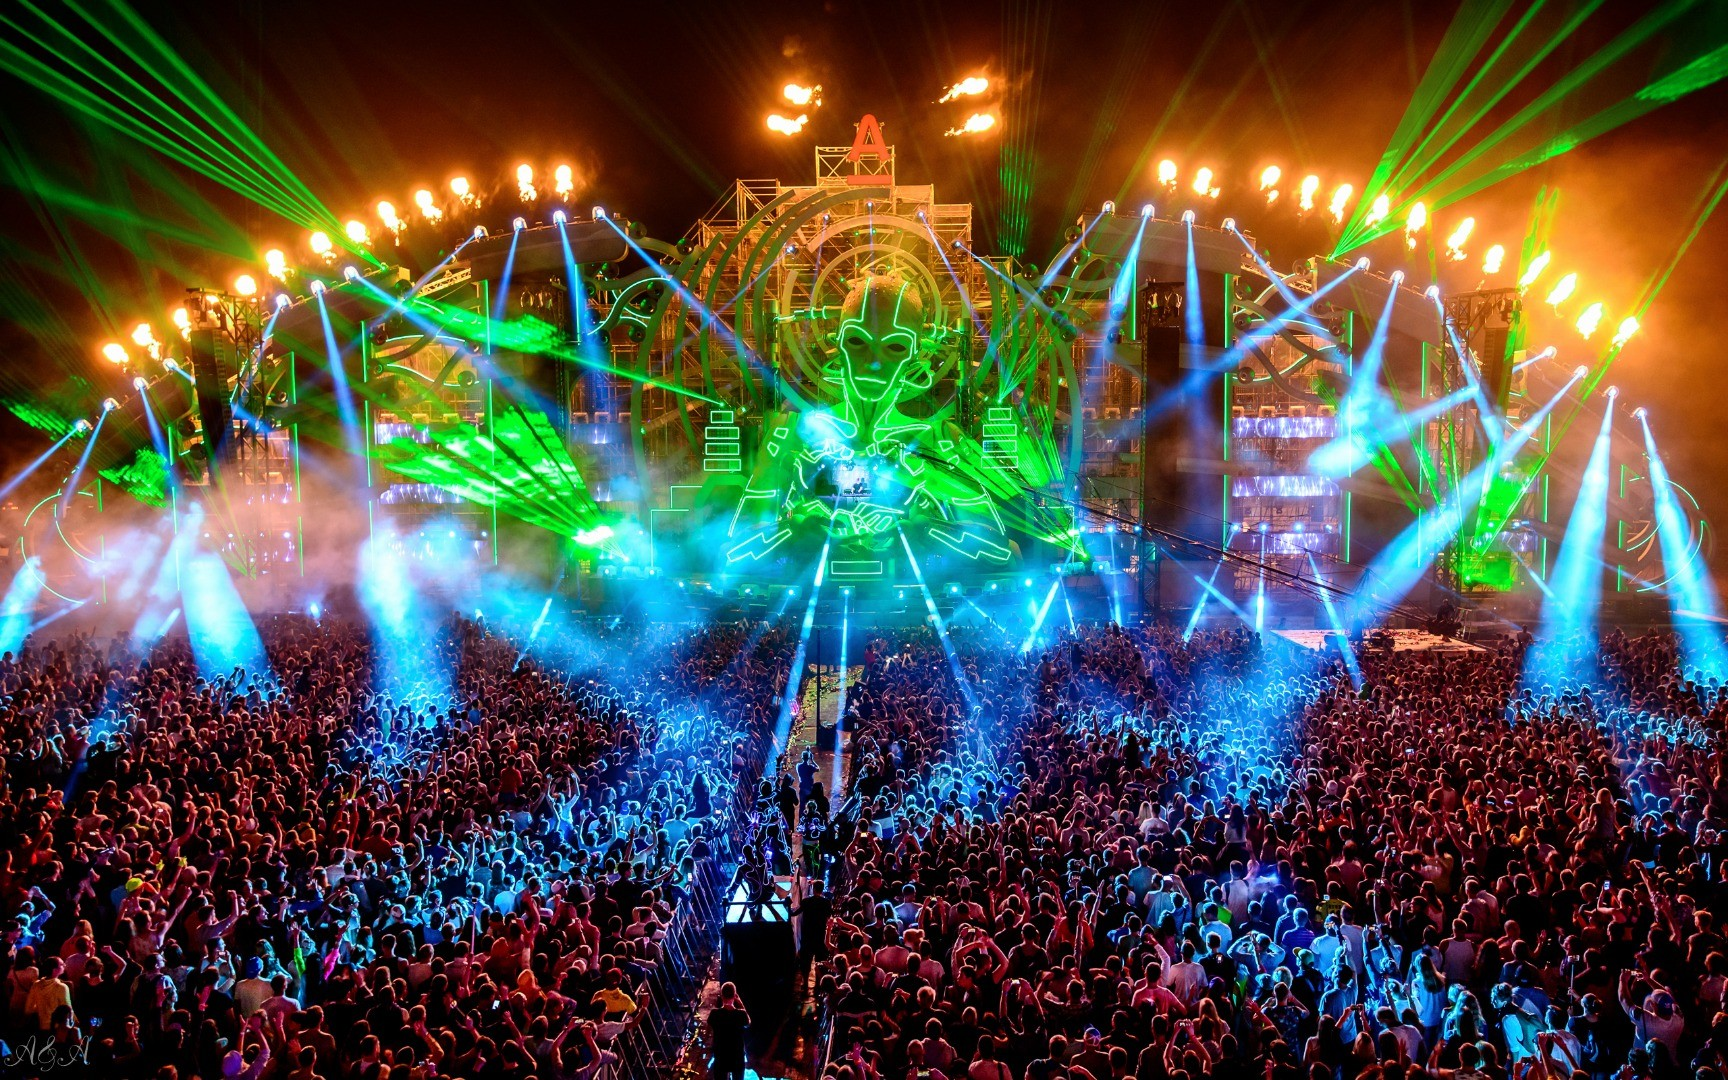 Палитра чувств: гости фестиваля вМельбурне наелись наркотиков